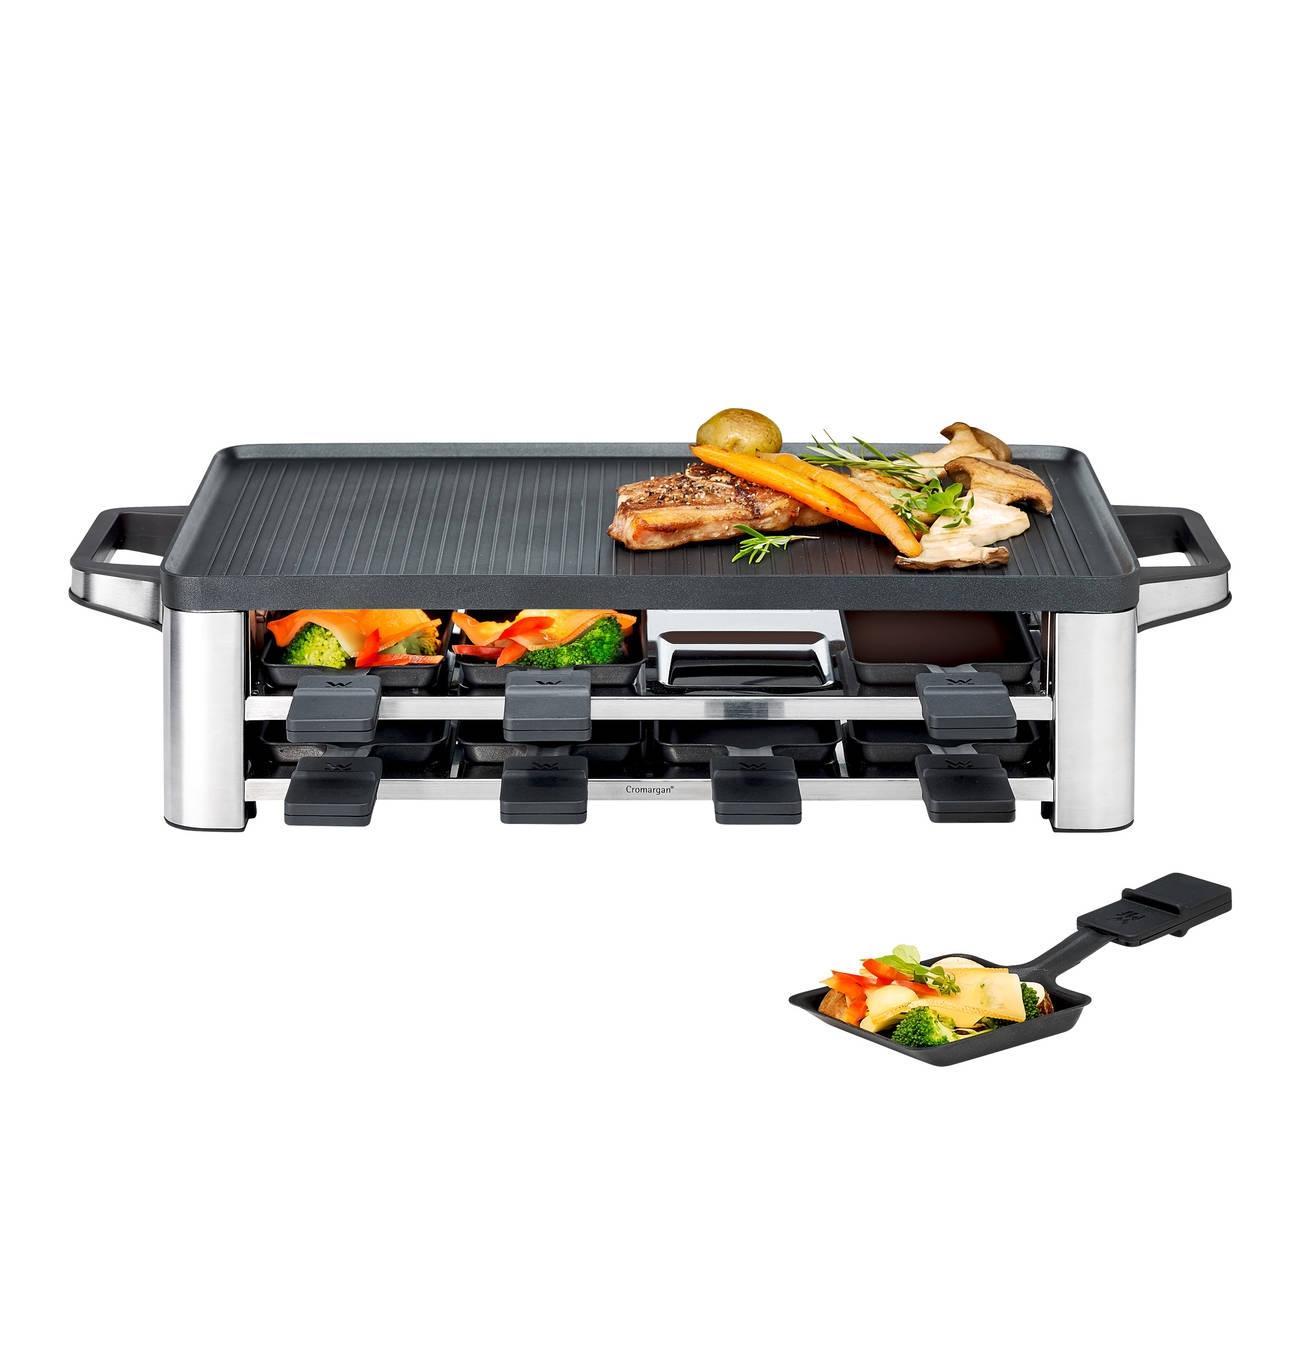 WMF Raclette Lono, 8 pans